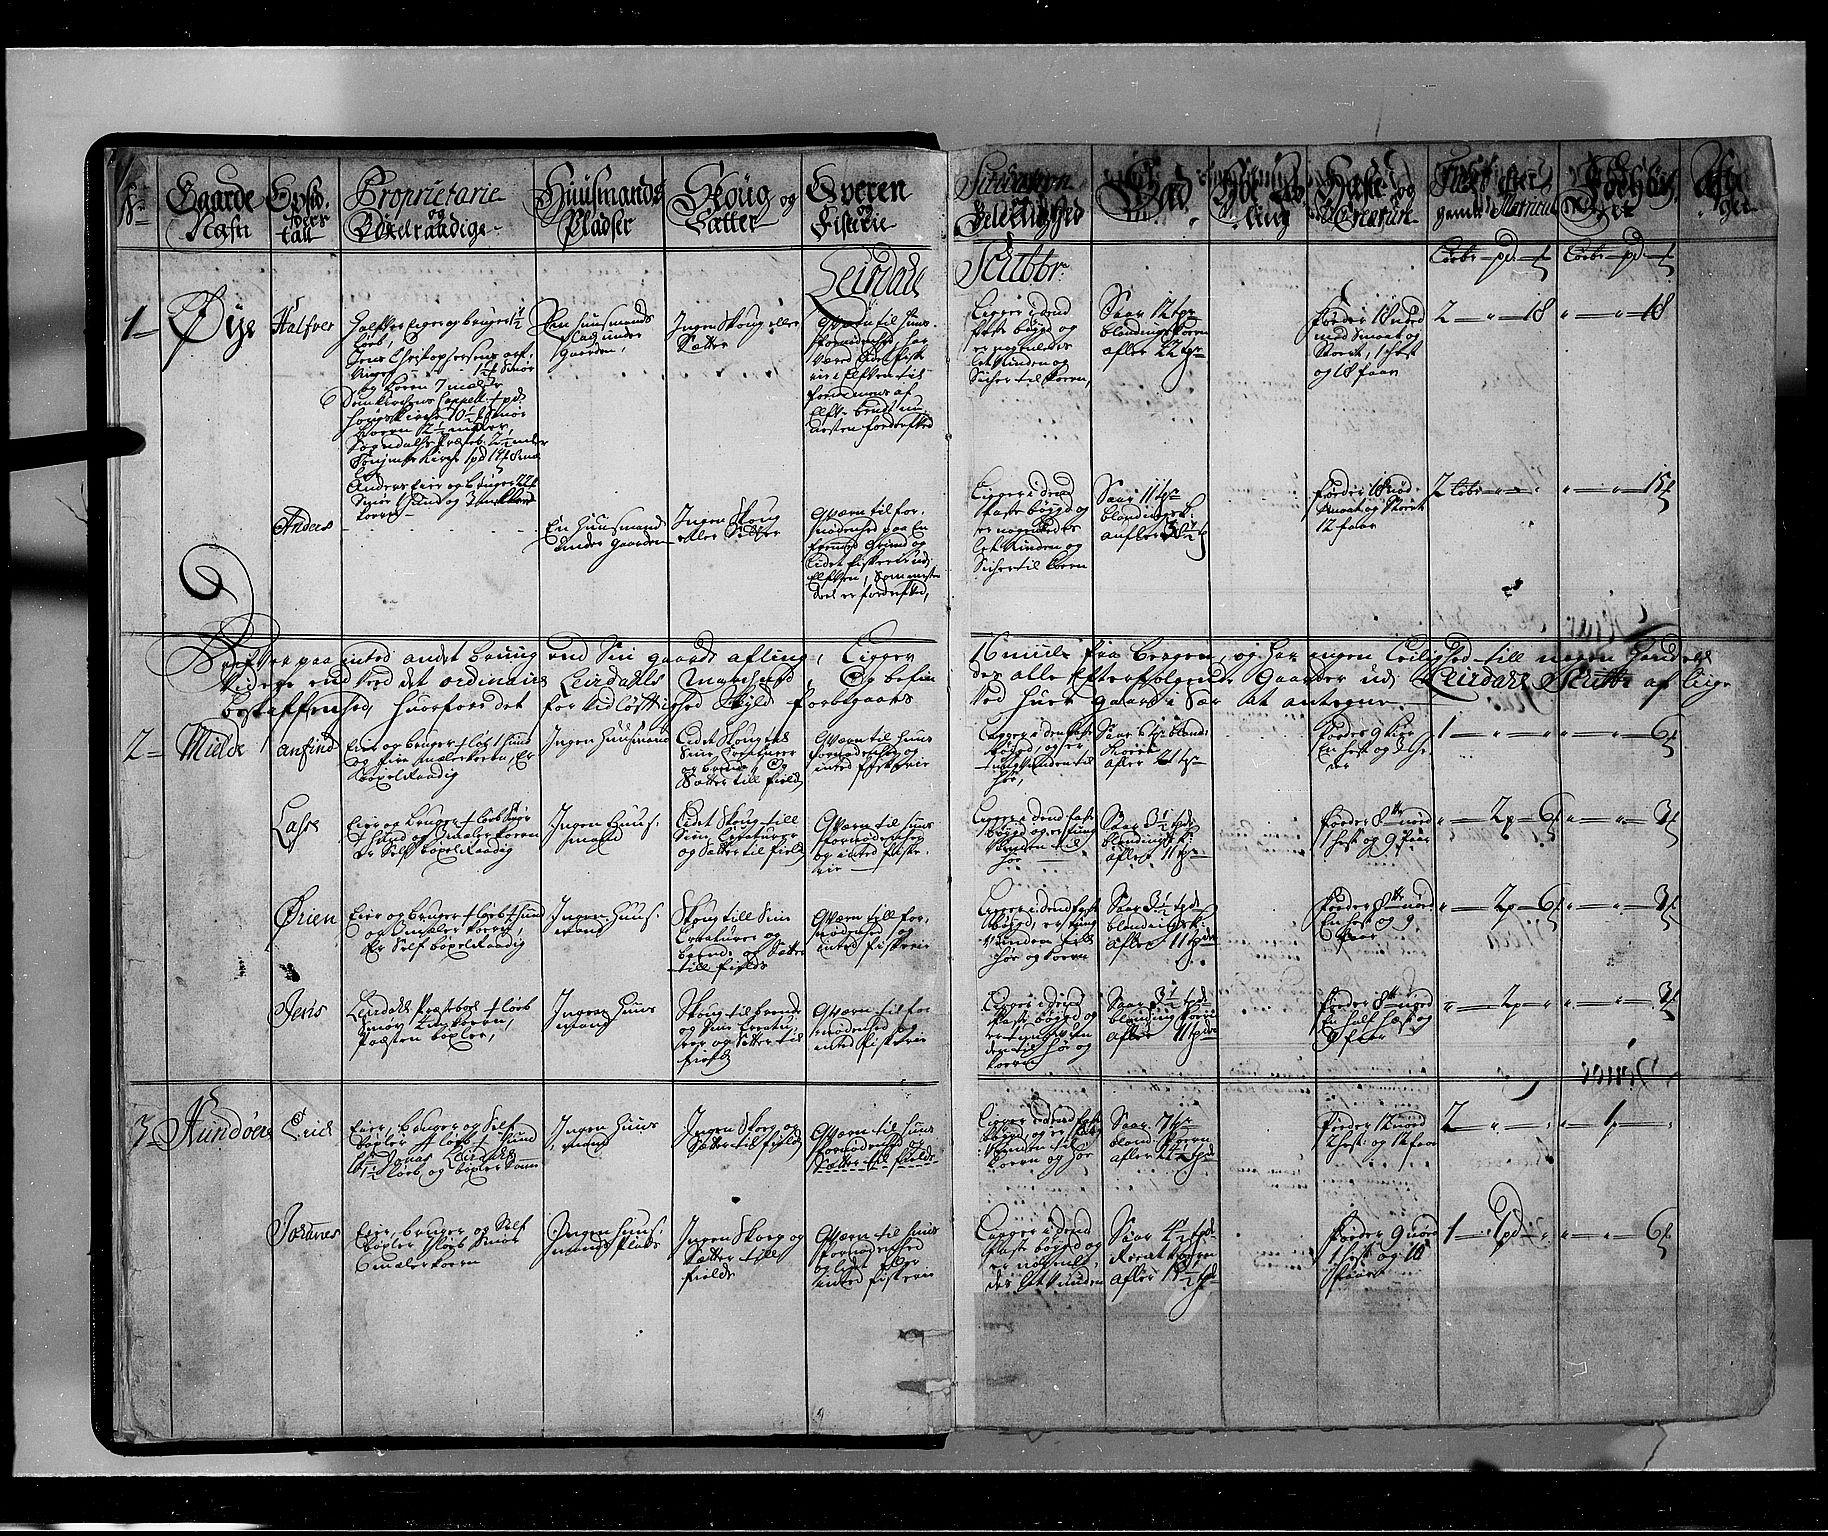 RA, Rentekammeret inntil 1814, Realistisk ordnet avdeling, N/Nb/Nbf/L0143: Ytre og Indre Sogn eksaminasjonsprotokoll, 1723, s. 4-5